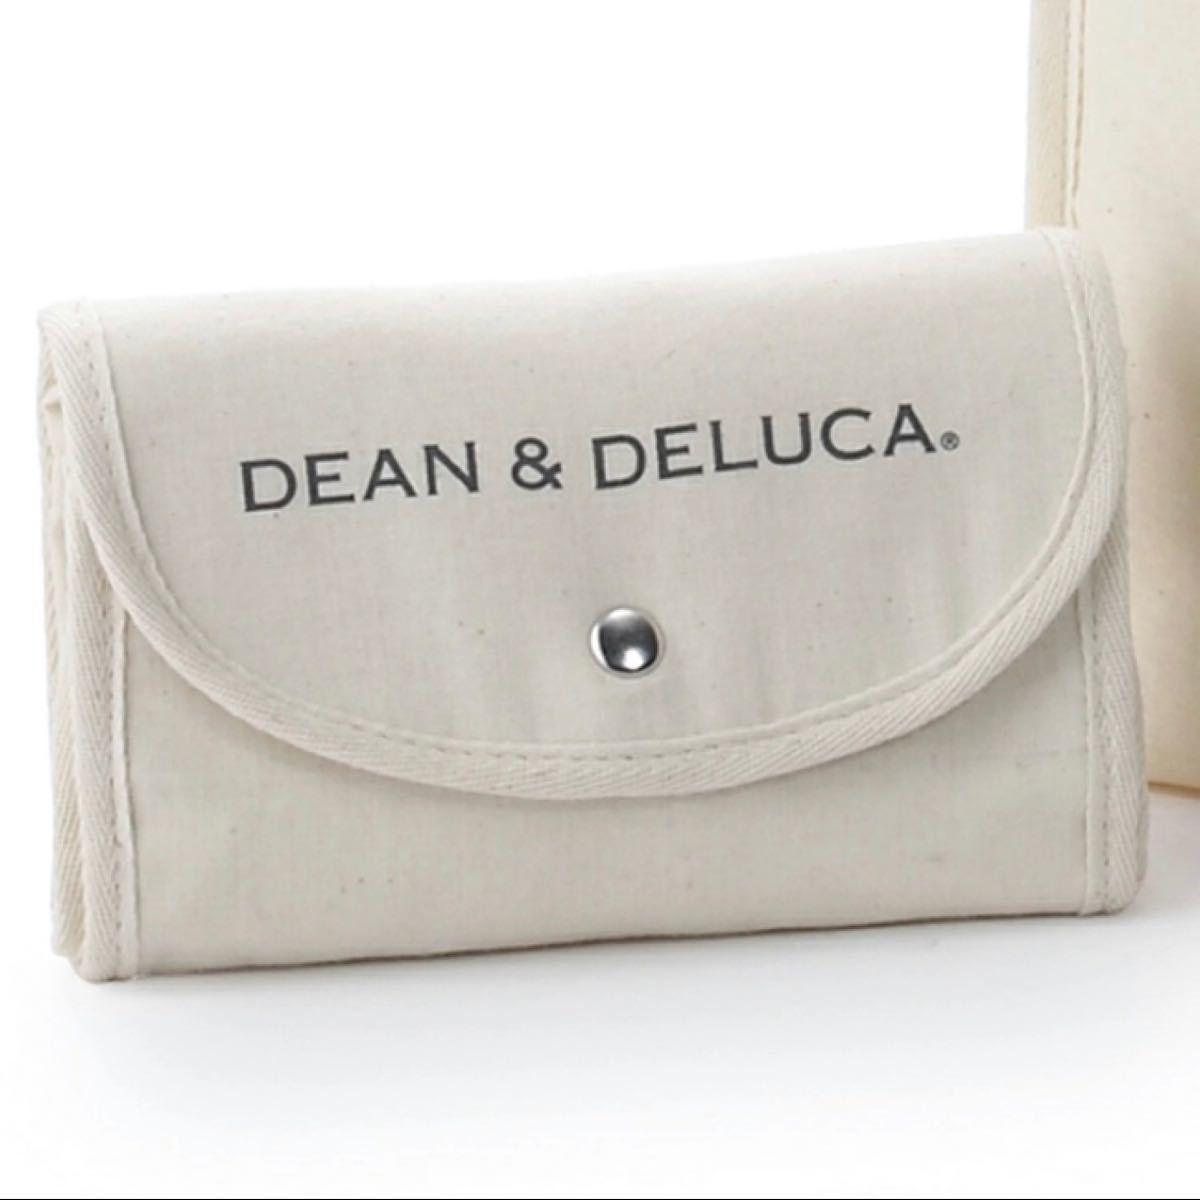 DEAN&DELUCA ディーン&デルーカ 折りたたみ エコバッグ トートバッグ